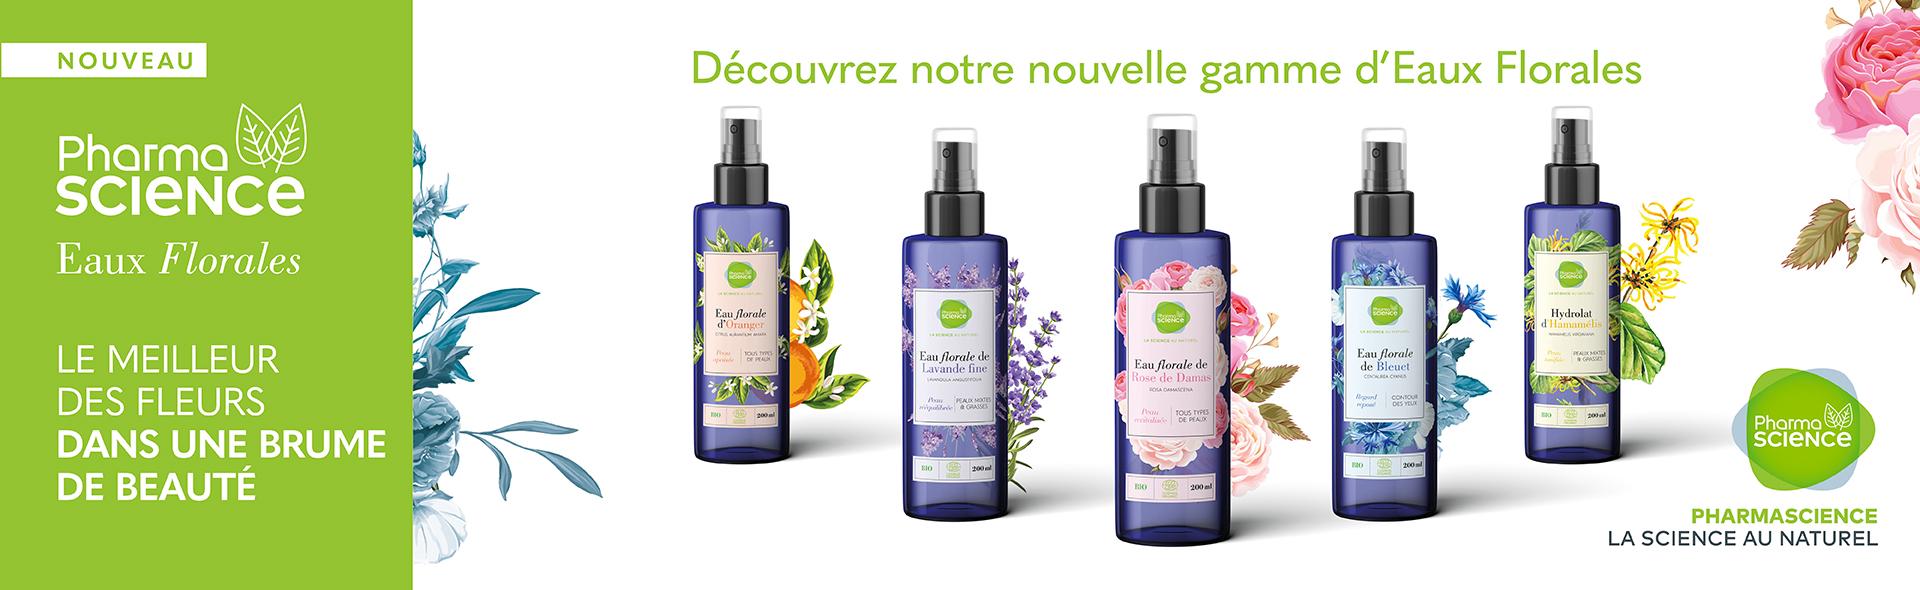 Découvrez notre nouvelle gamme d'Eaux Florales